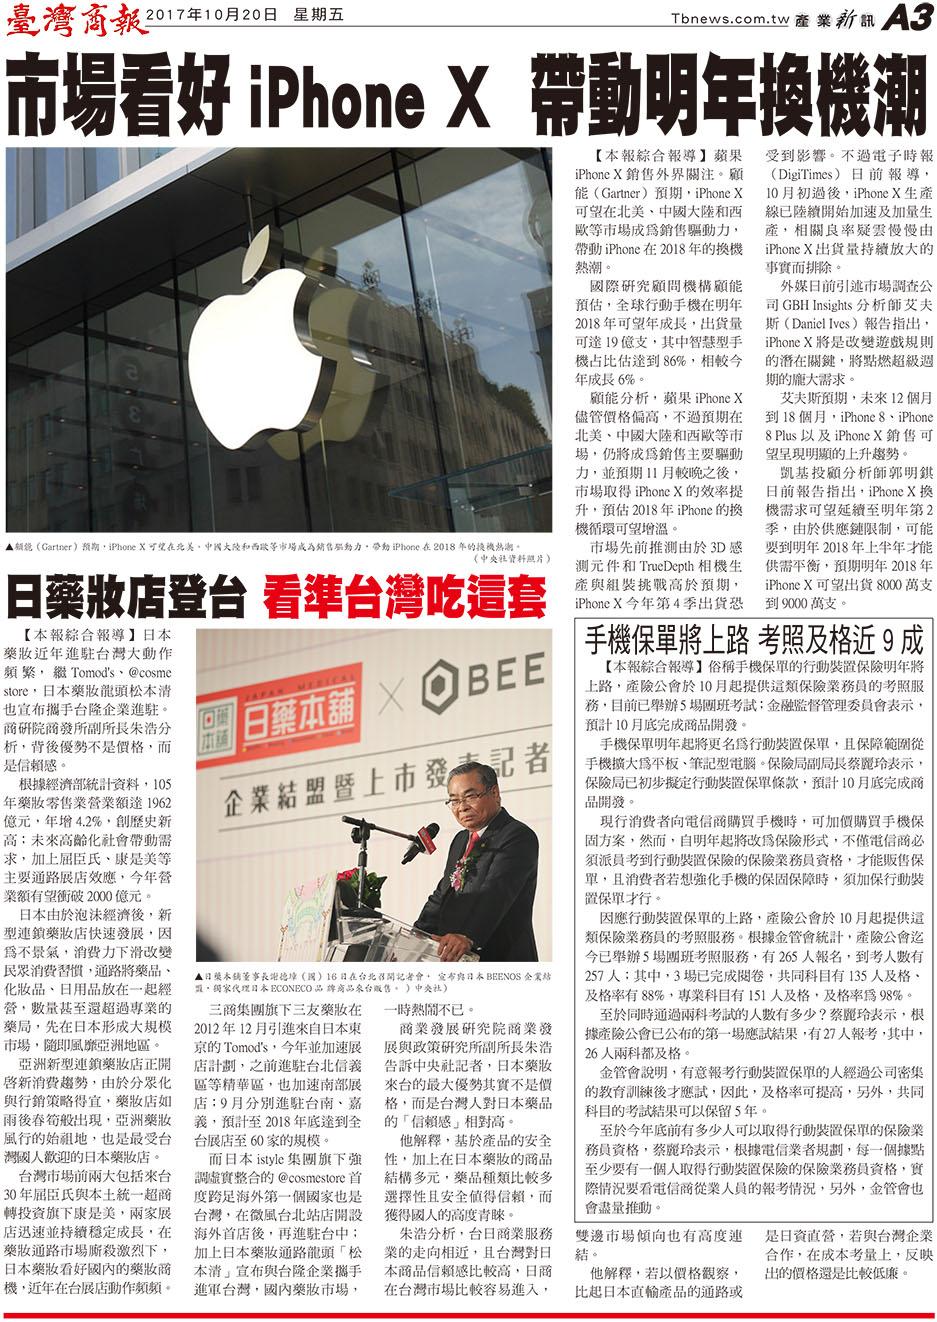 市場看好 iPhone X 帶動明年換機潮